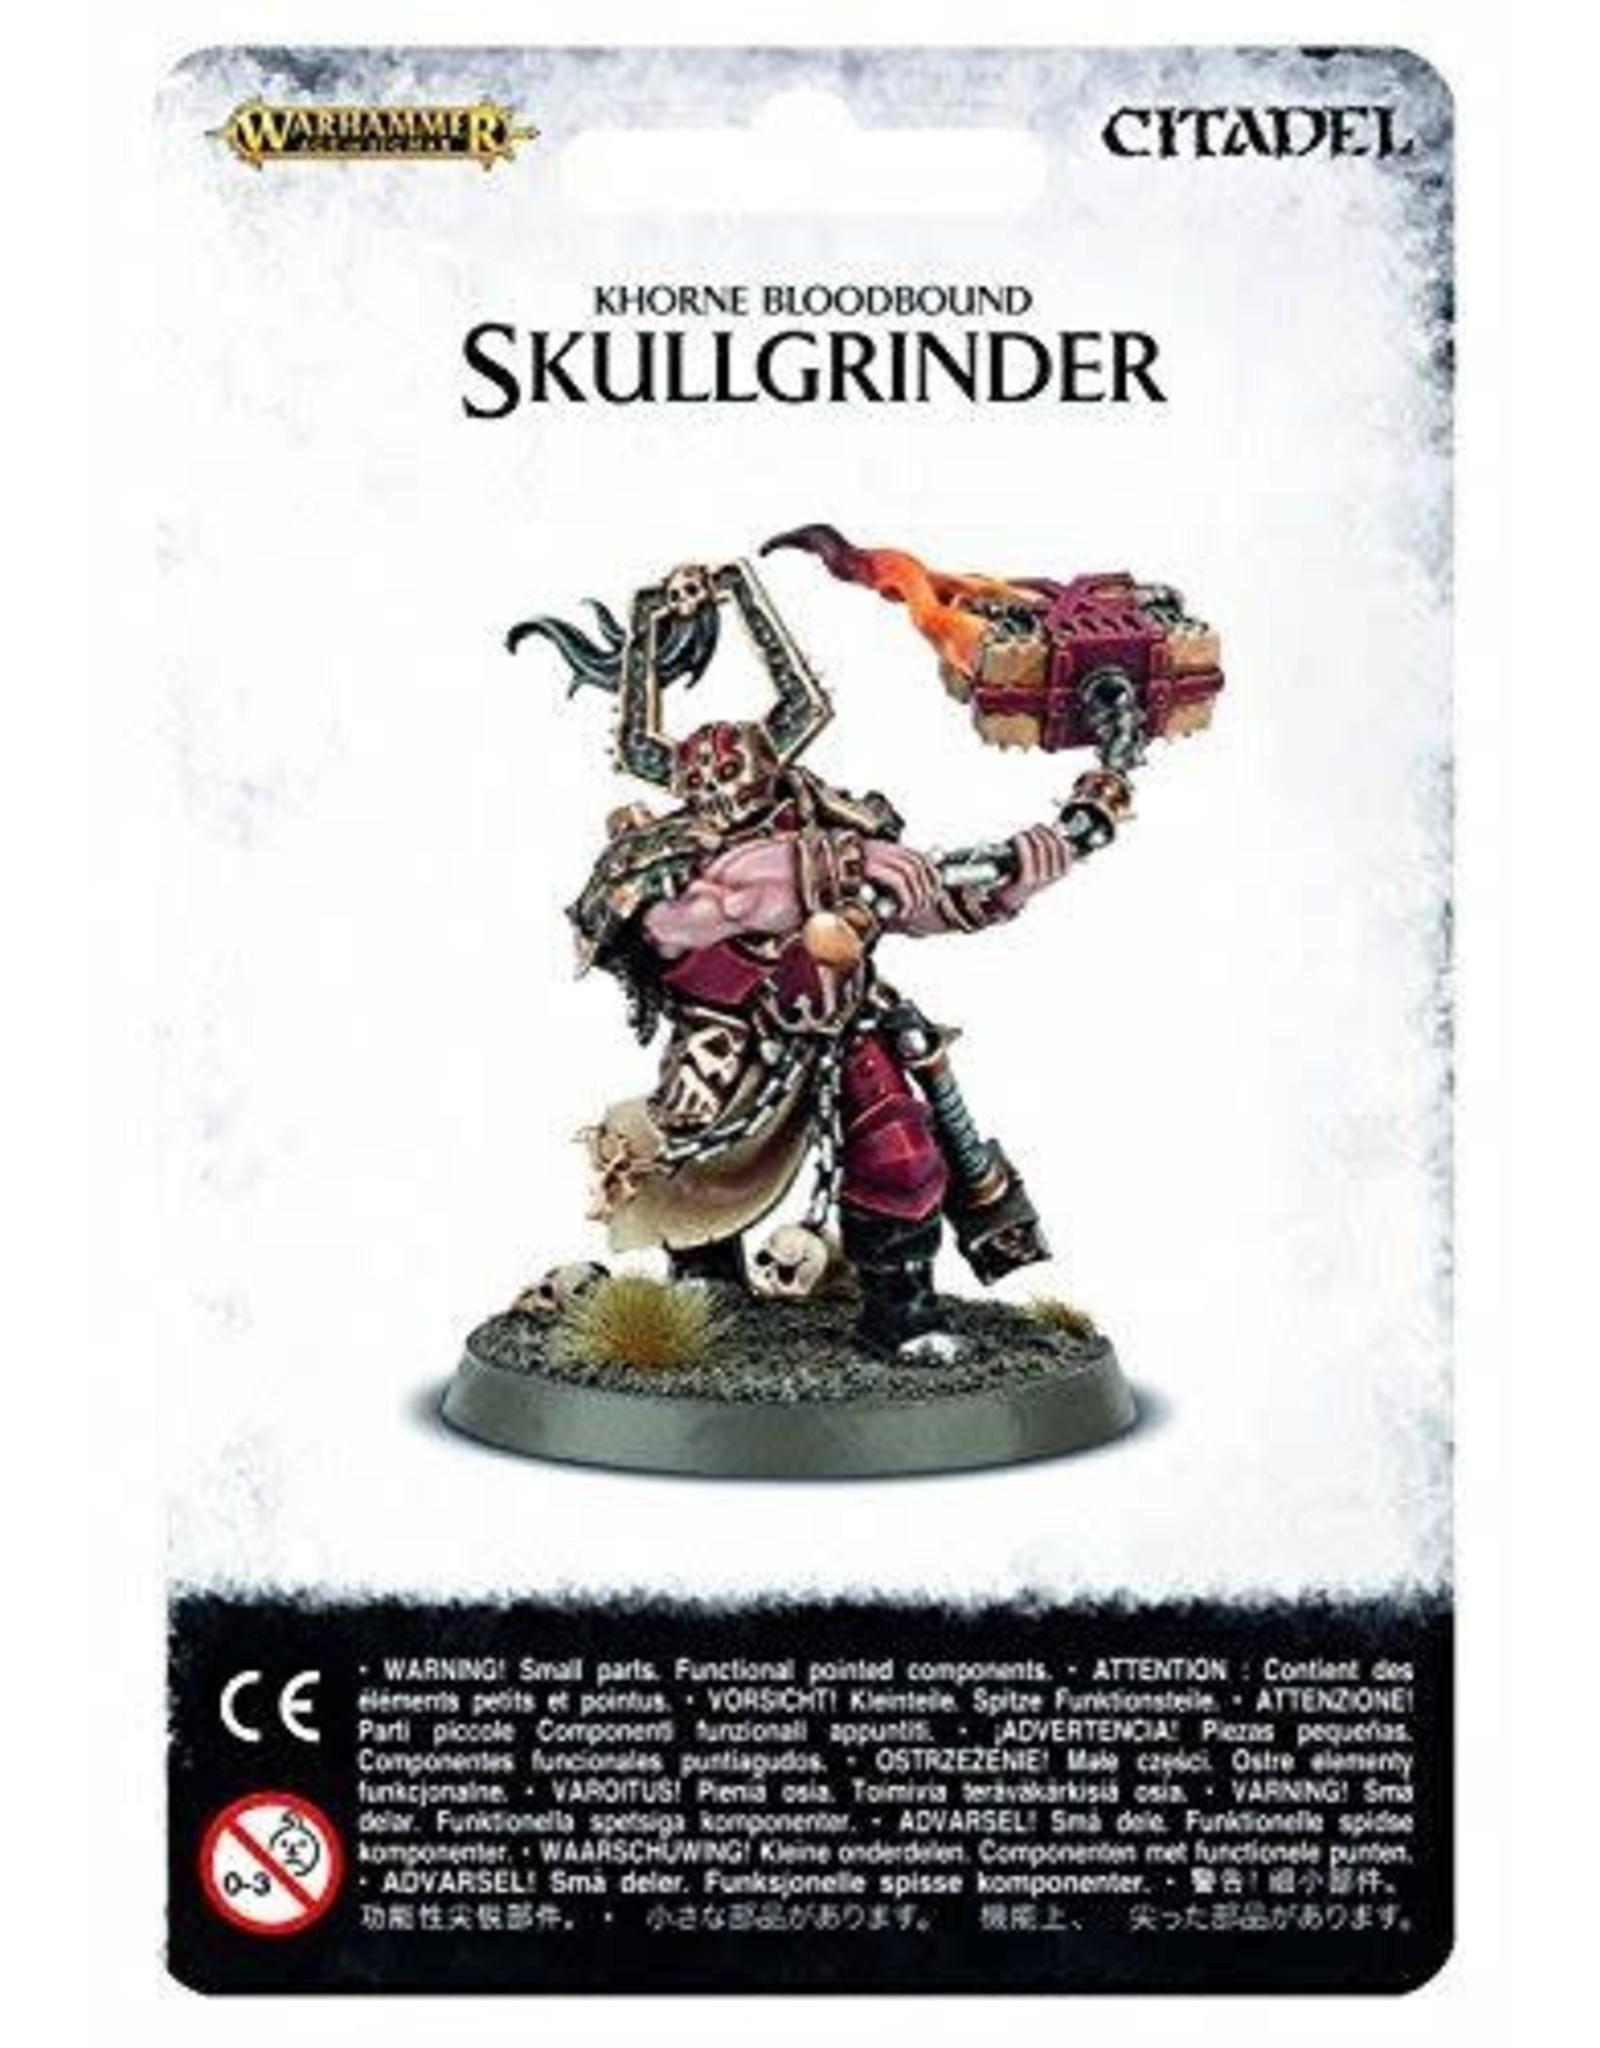 Khorne Bloodbound Skullgrinder (AOS)